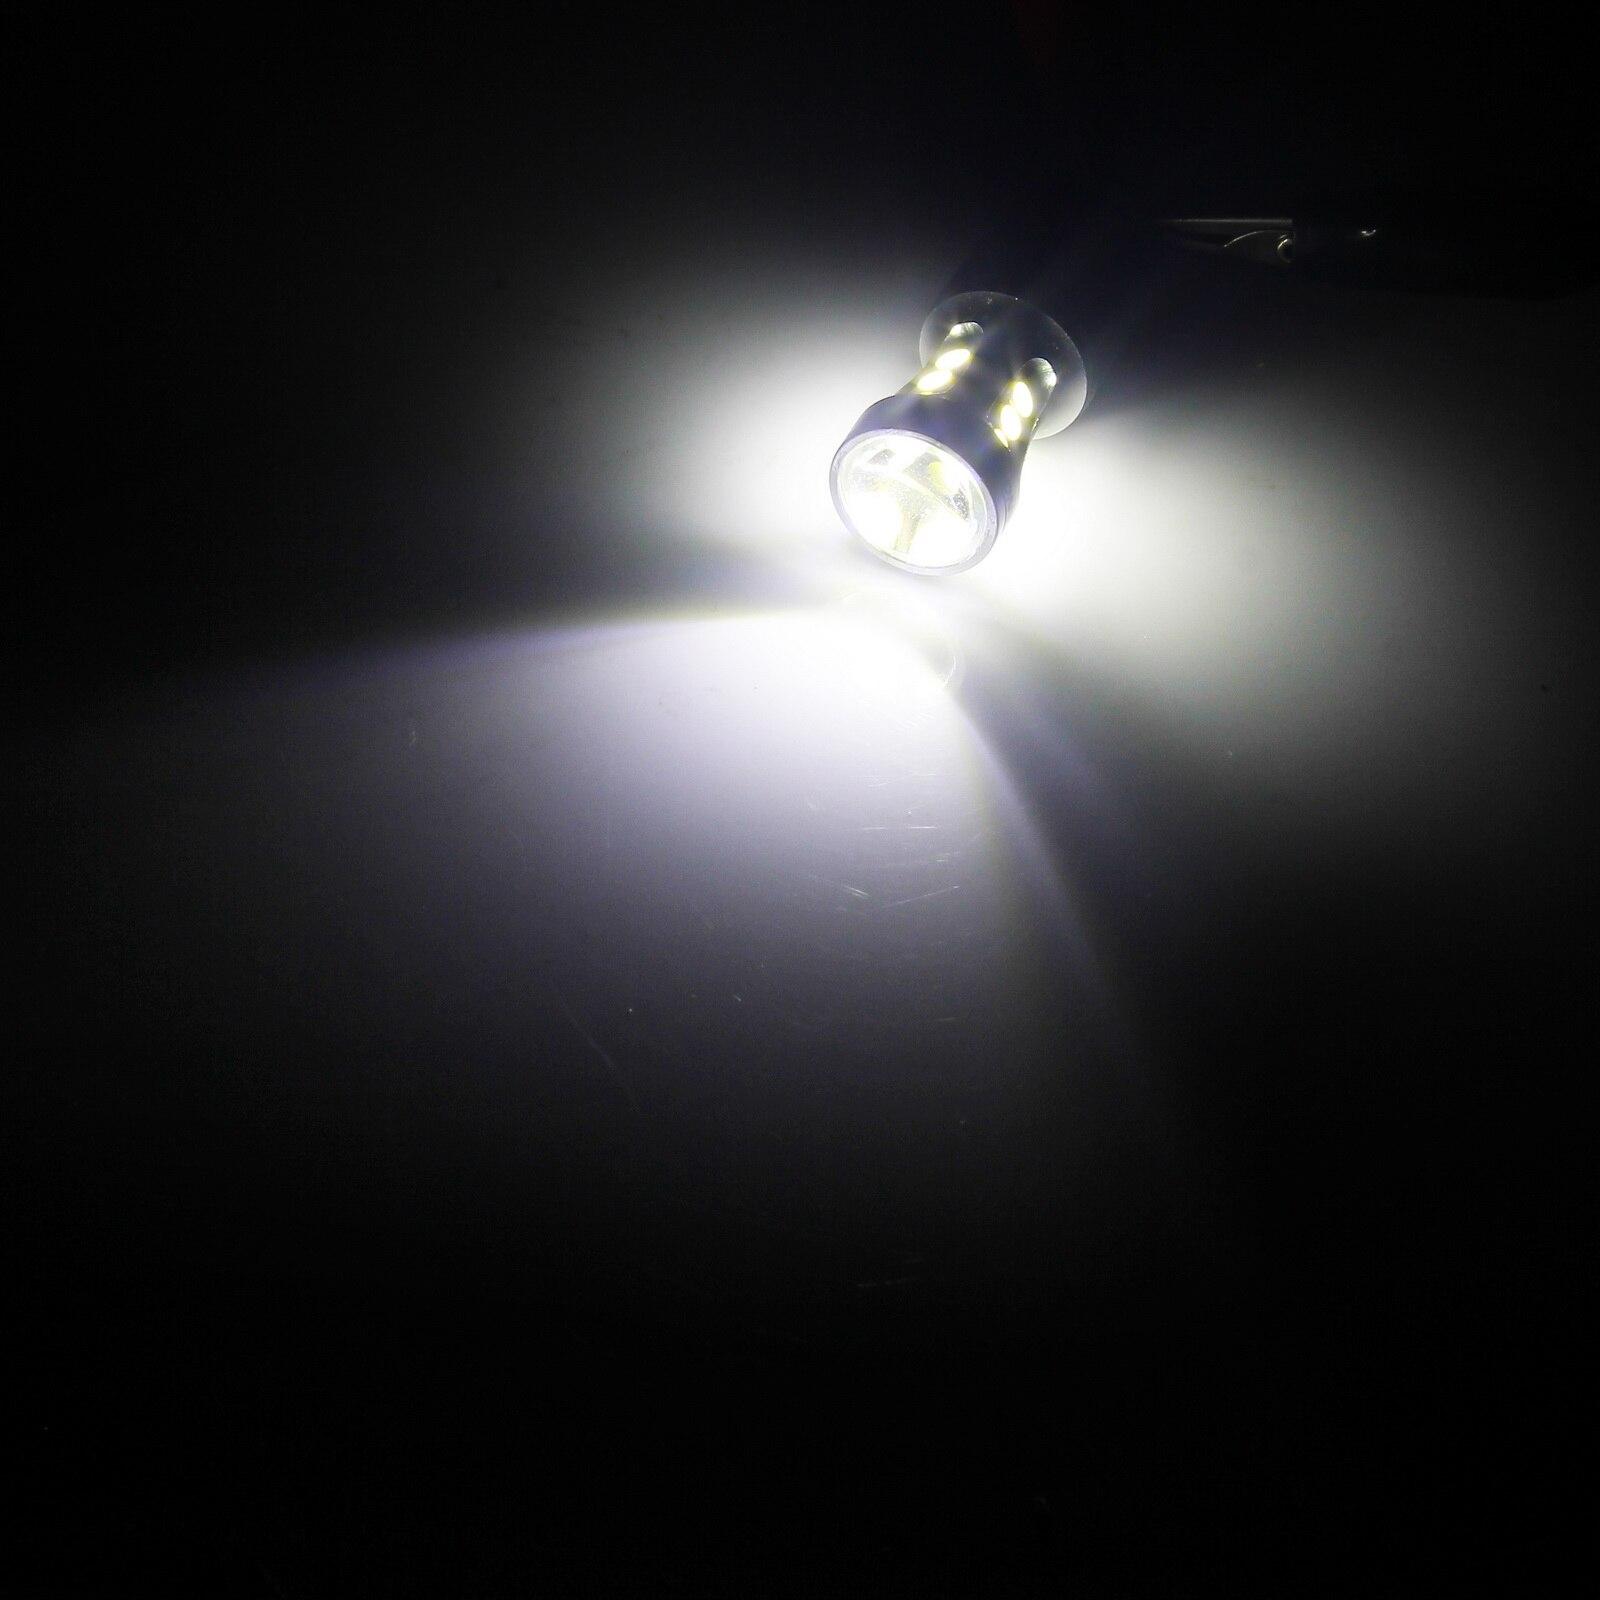 2x Weiß HP24W HPY24W G4 Standlicht Tagfahrlicht Birne Citroen Peugeot 3008 5008